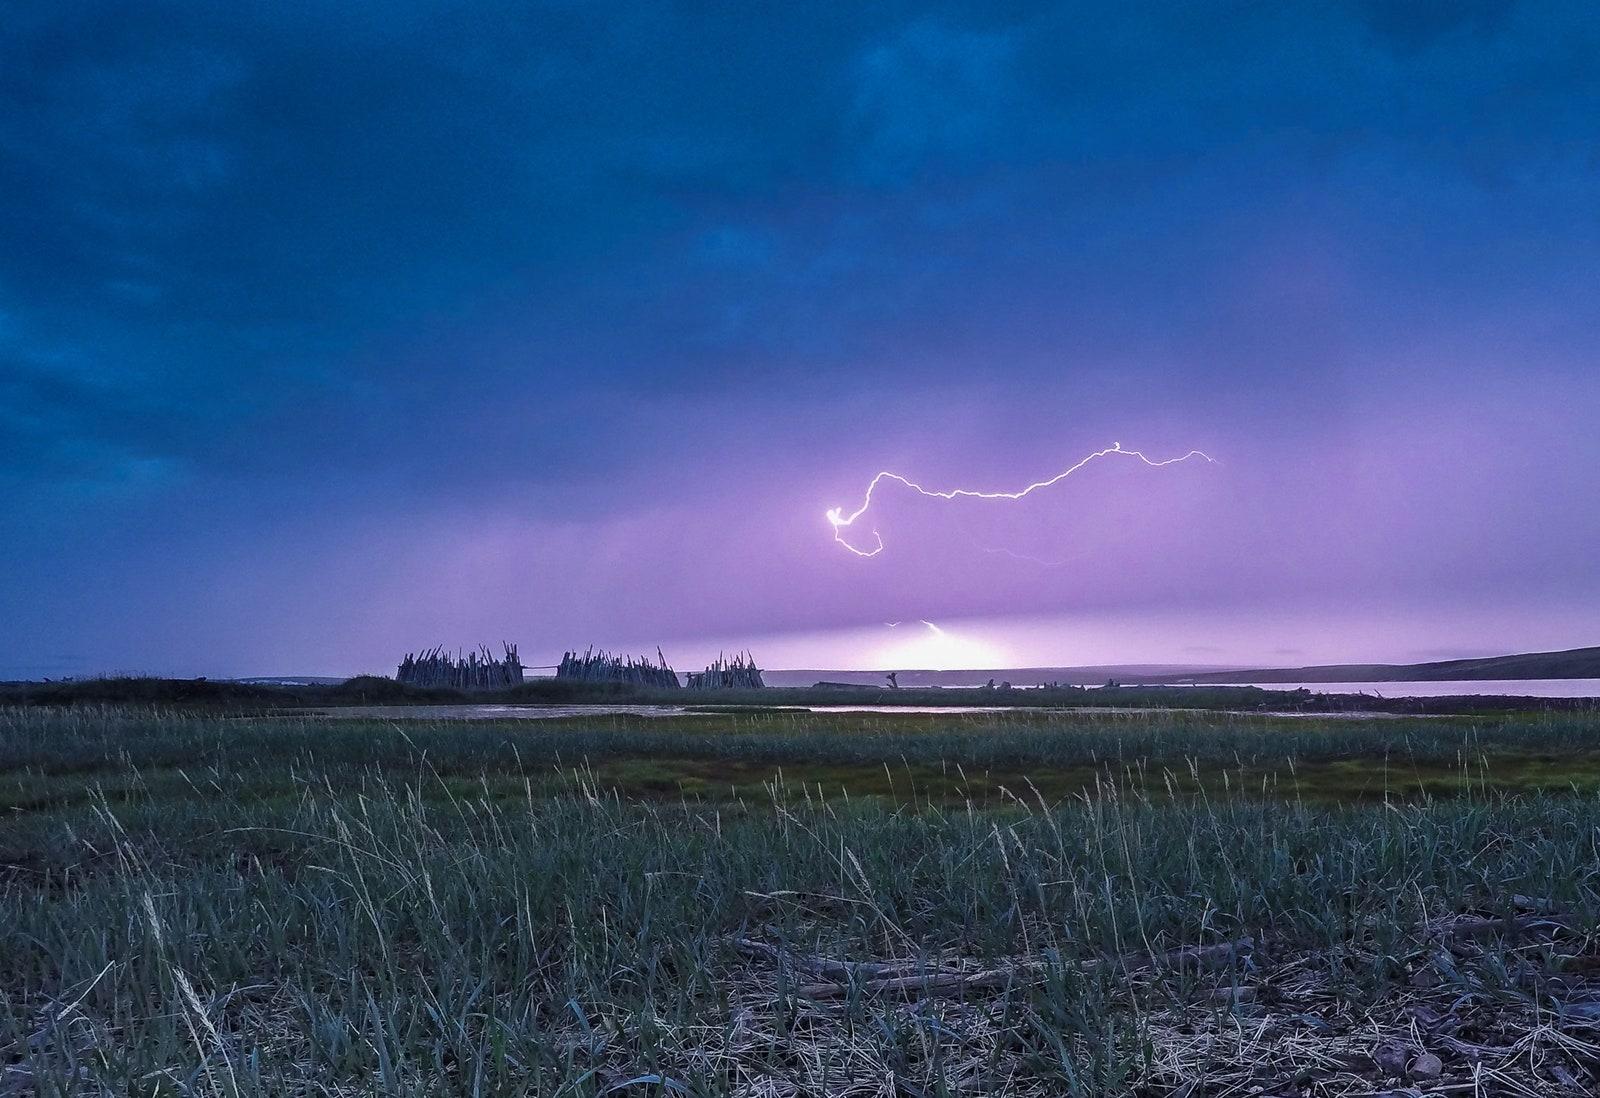 bolt of lightning